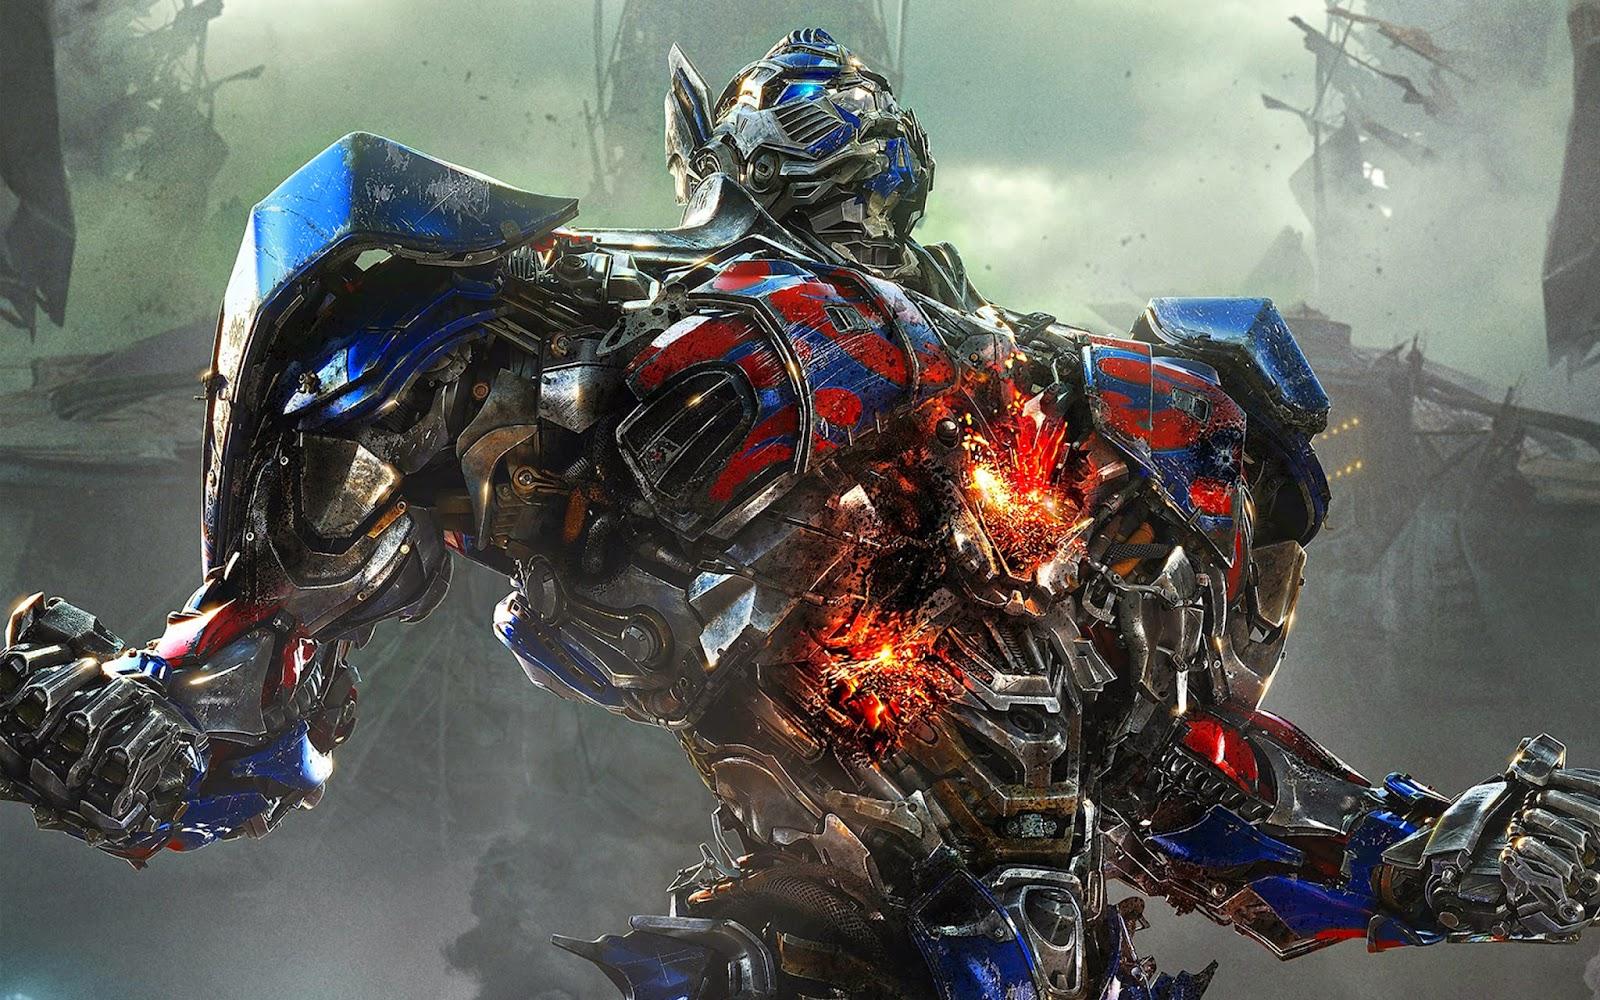 רובוטריקים 4 - ביקורת סרט